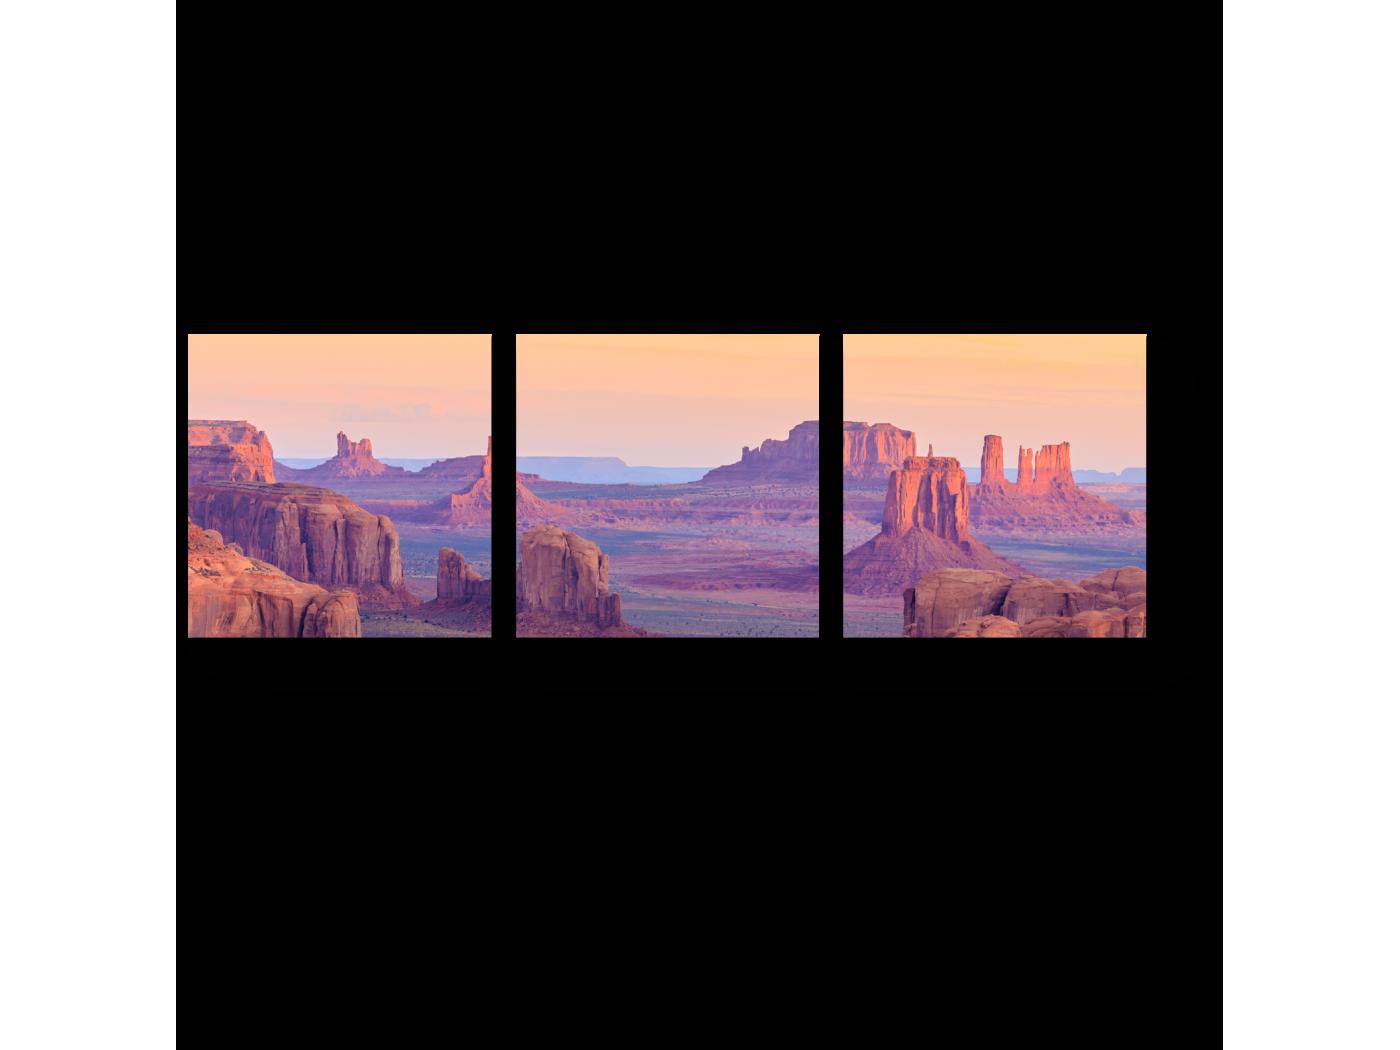 Модульная картина Восход в Долине монументов (60x20) фото